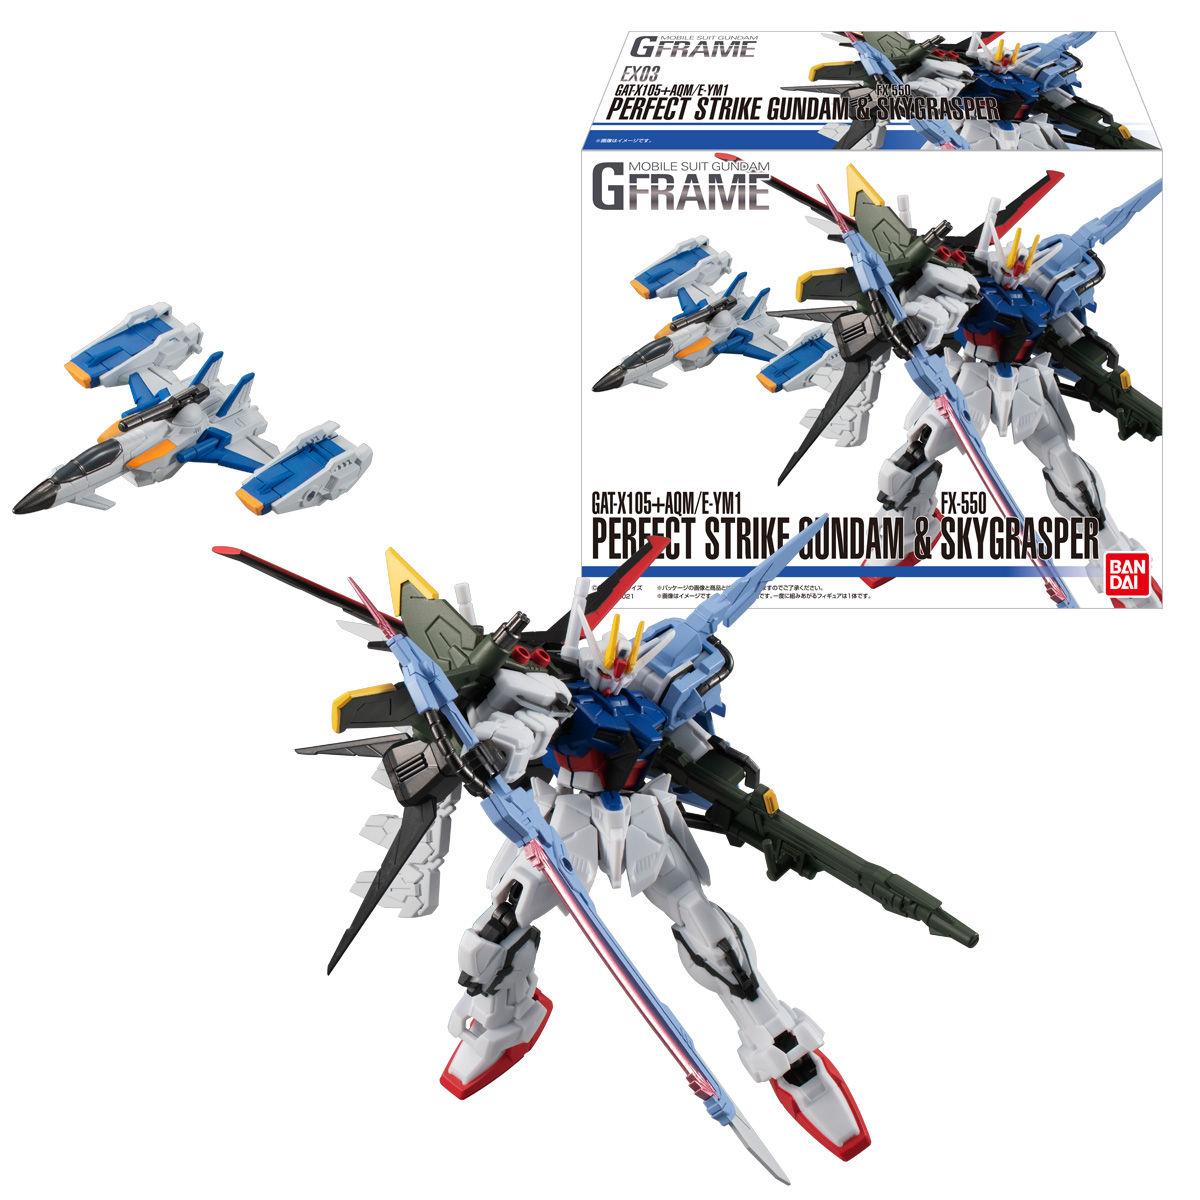 機動戦士ガンダム Gフレーム EX03 パーフェクトストライクガンダム&スカイグラスパー_0